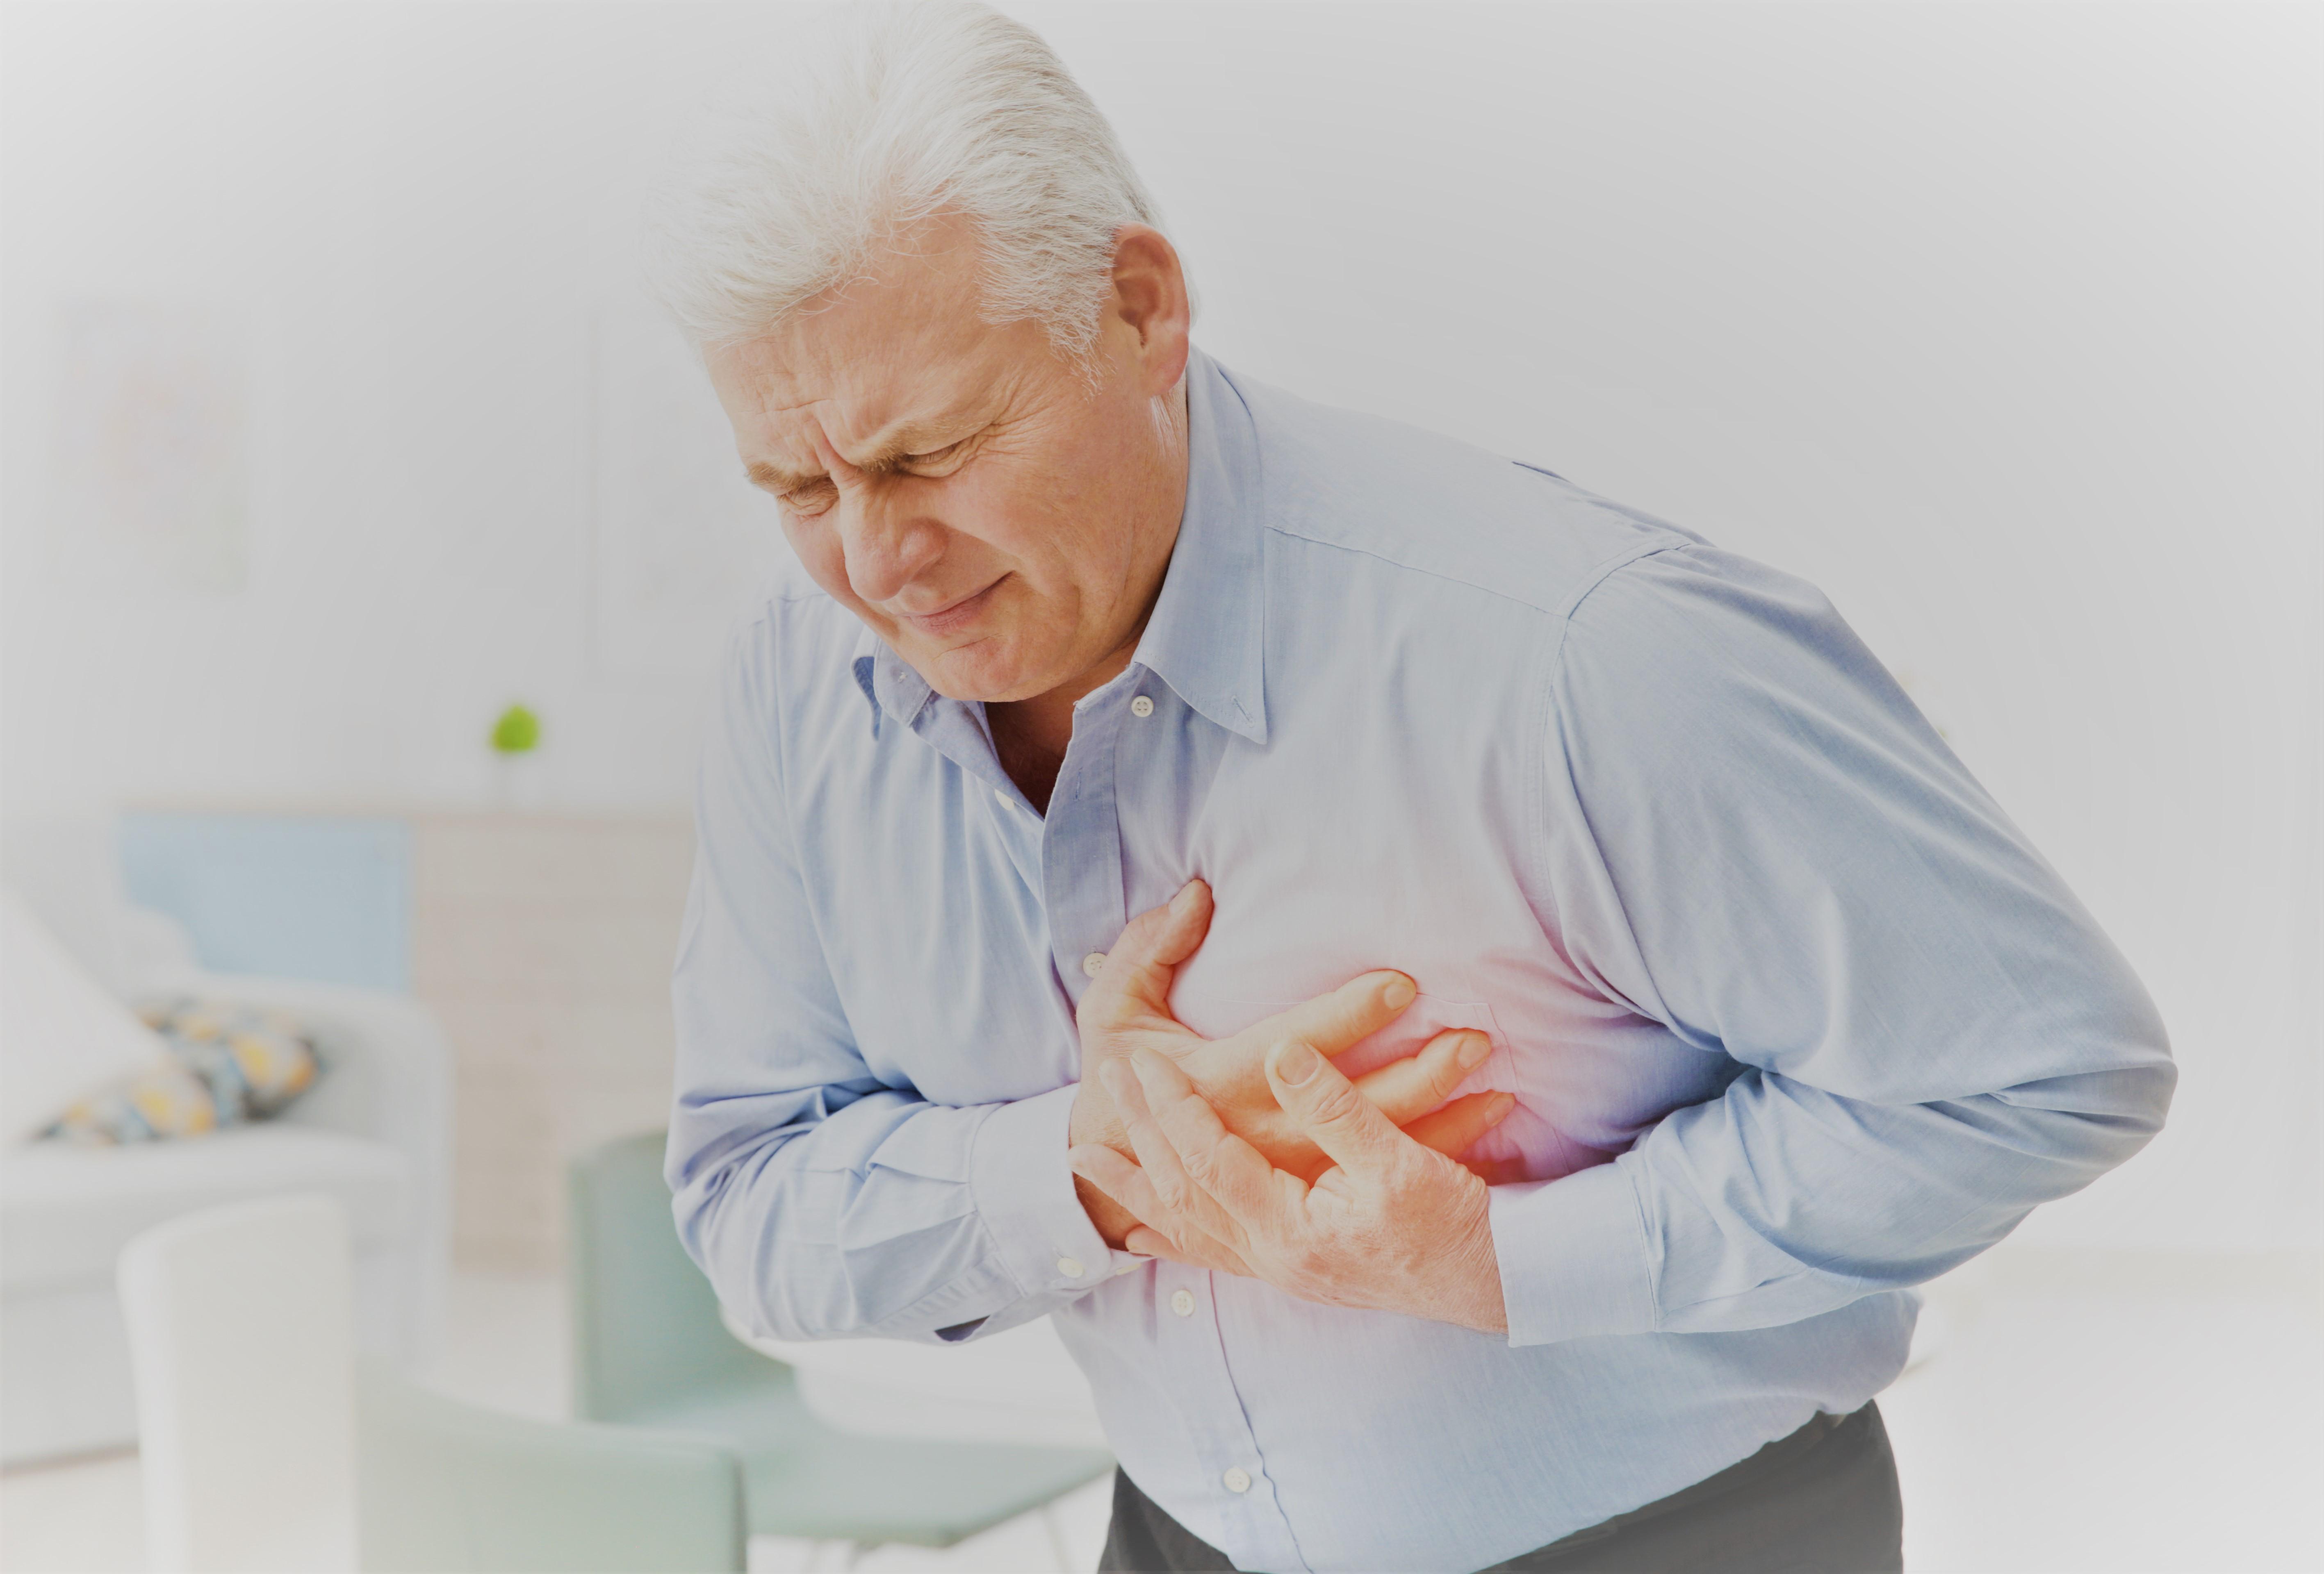 Mi okozhat légzéskor jelentkező mellkasi fájdalmat?